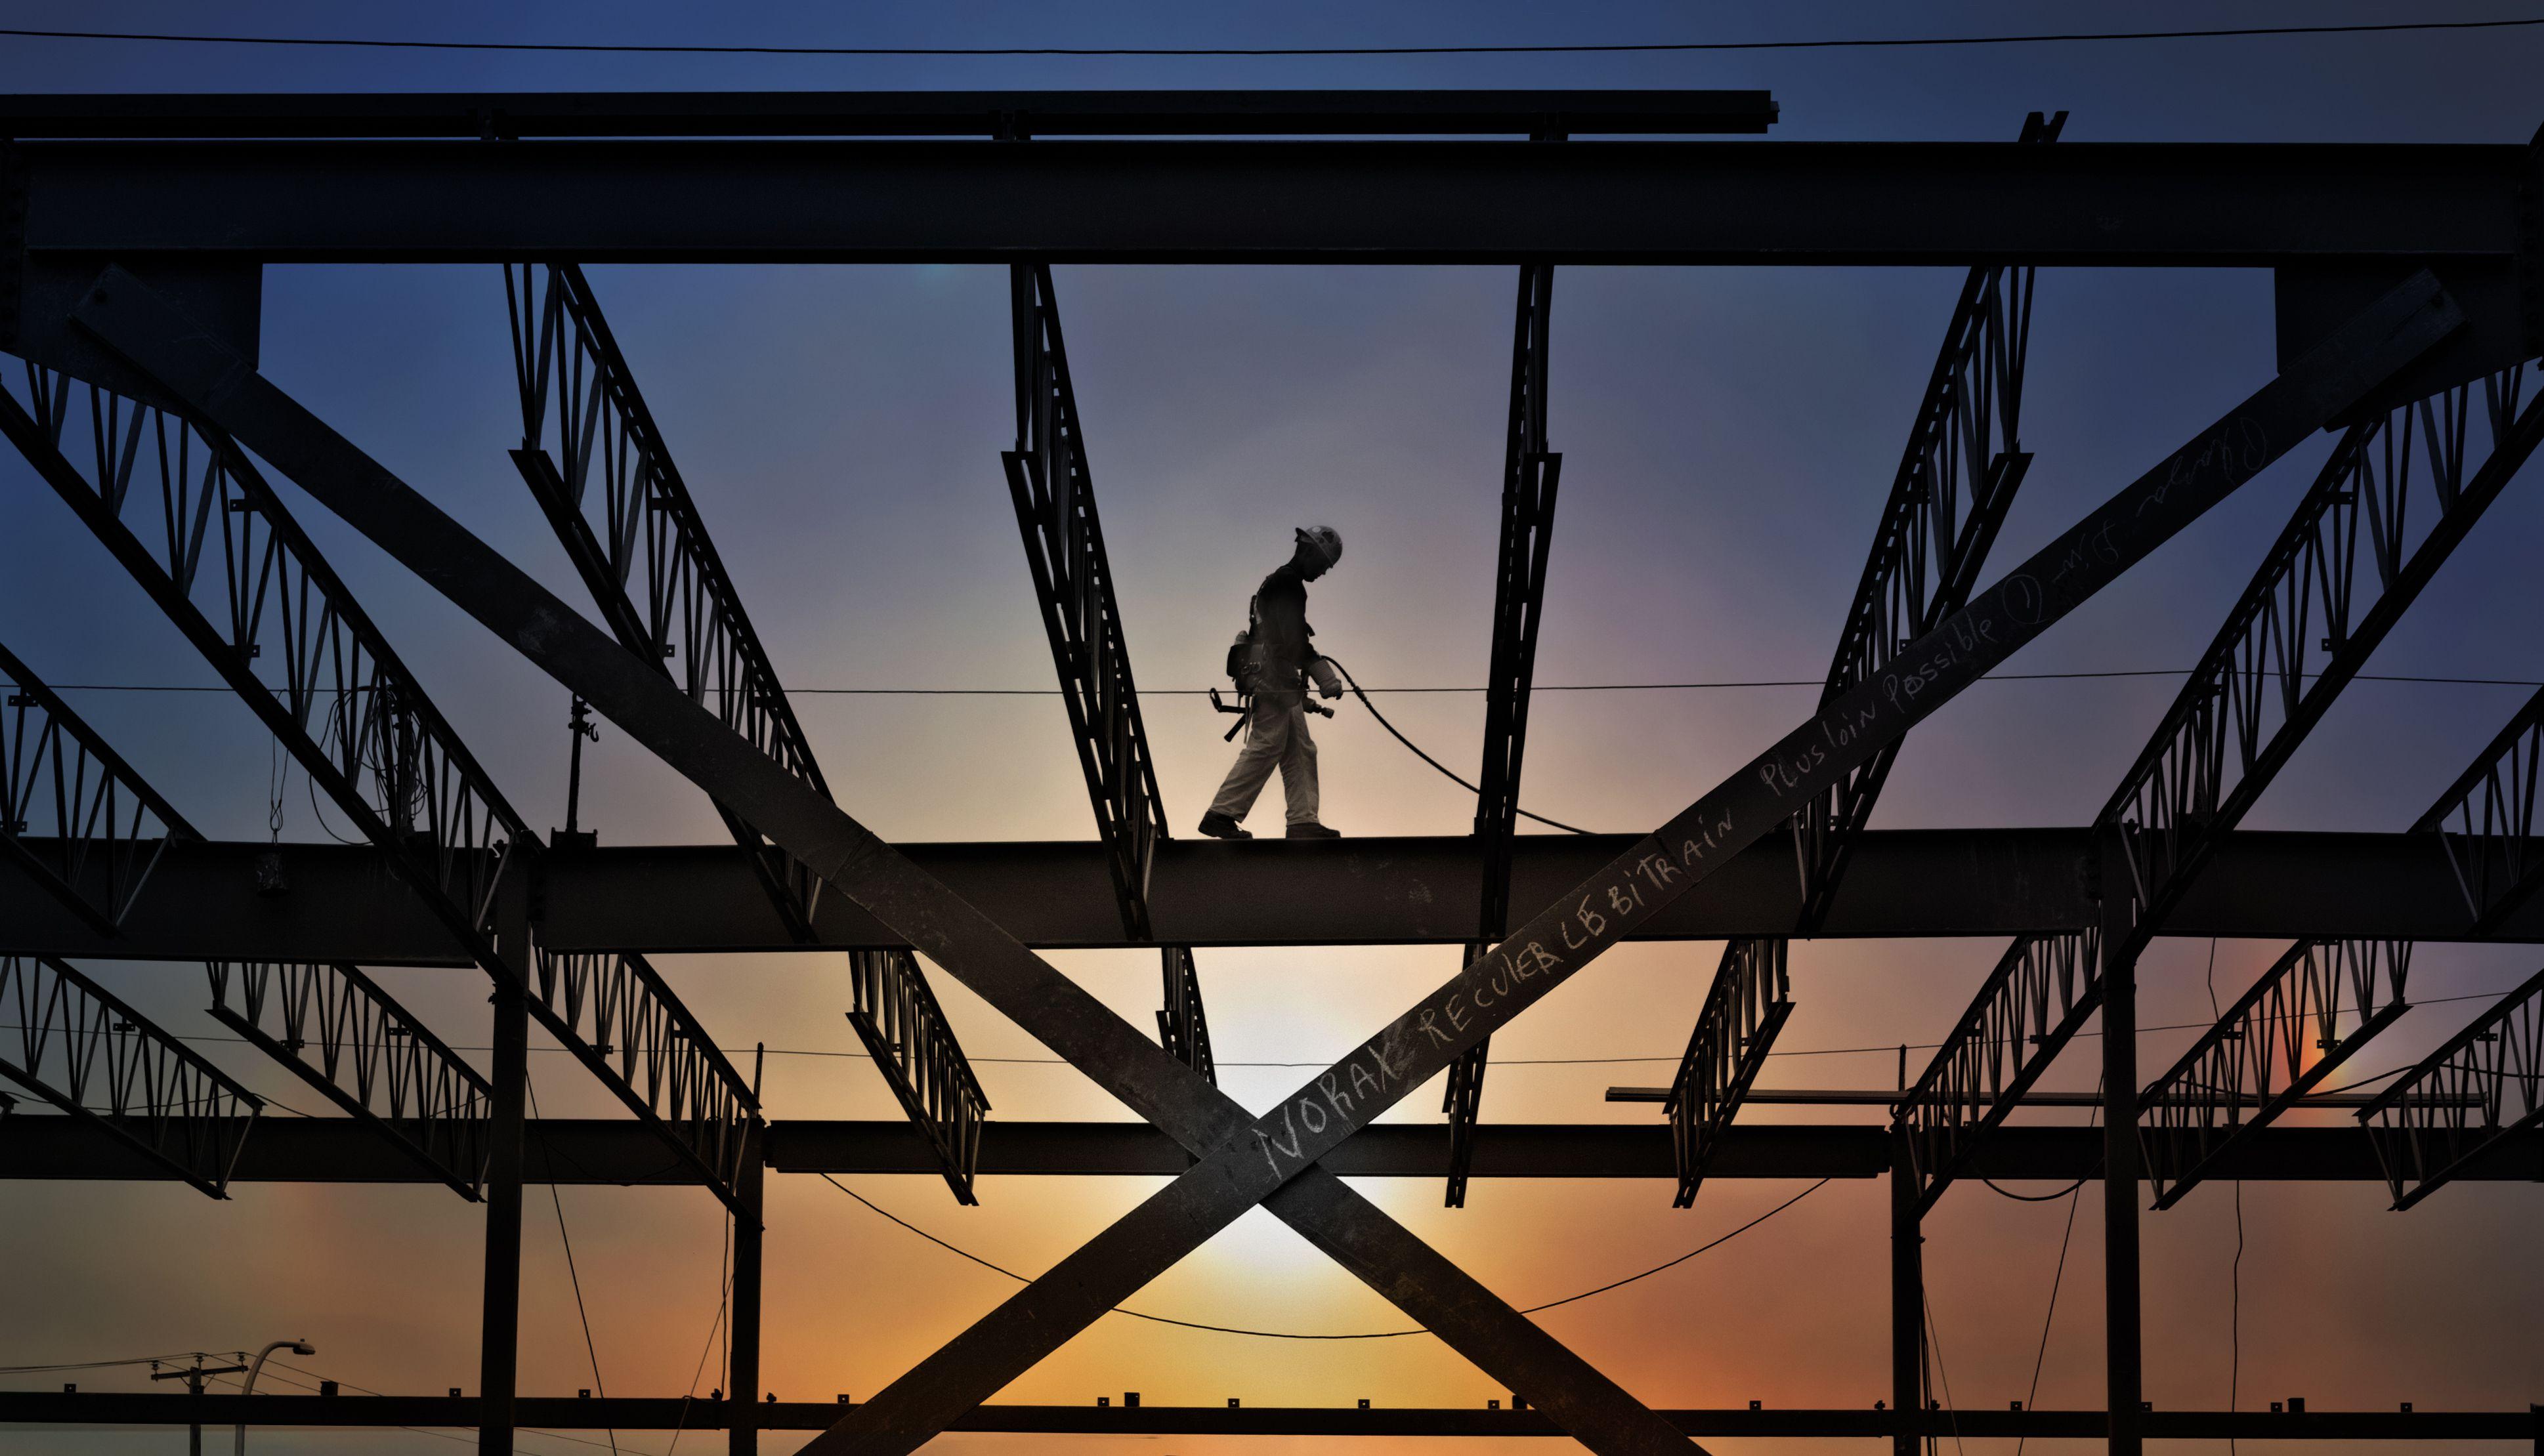 Construction Laborer Job Description And Outlook